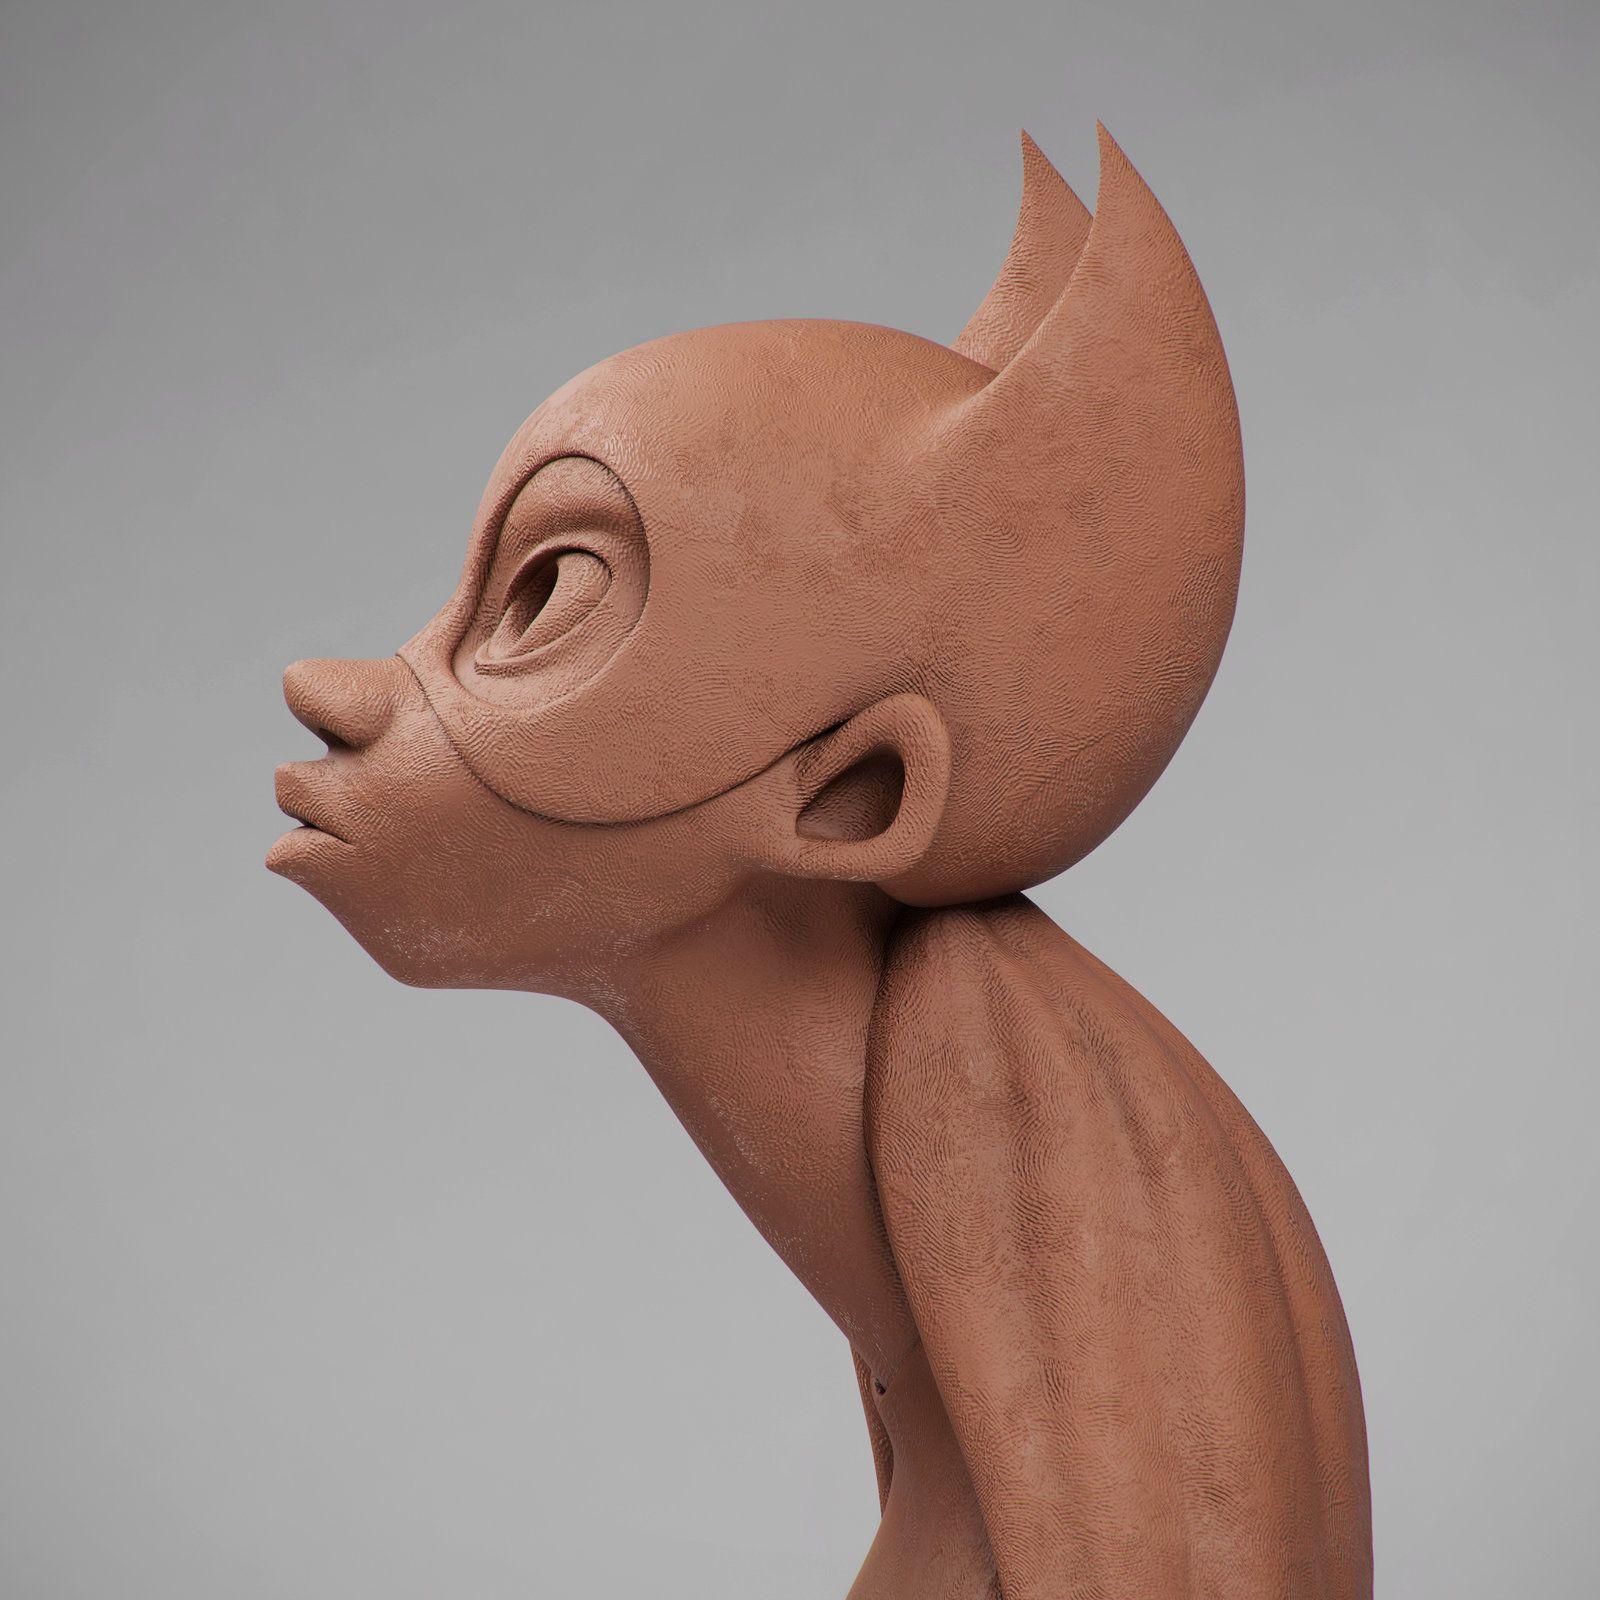 Batgirl, Guzz Soares on ArtStation at https://www.artstation.com/artwork/batgirl-55c04d1f-e78e-473d-a778-3786a0d5b328